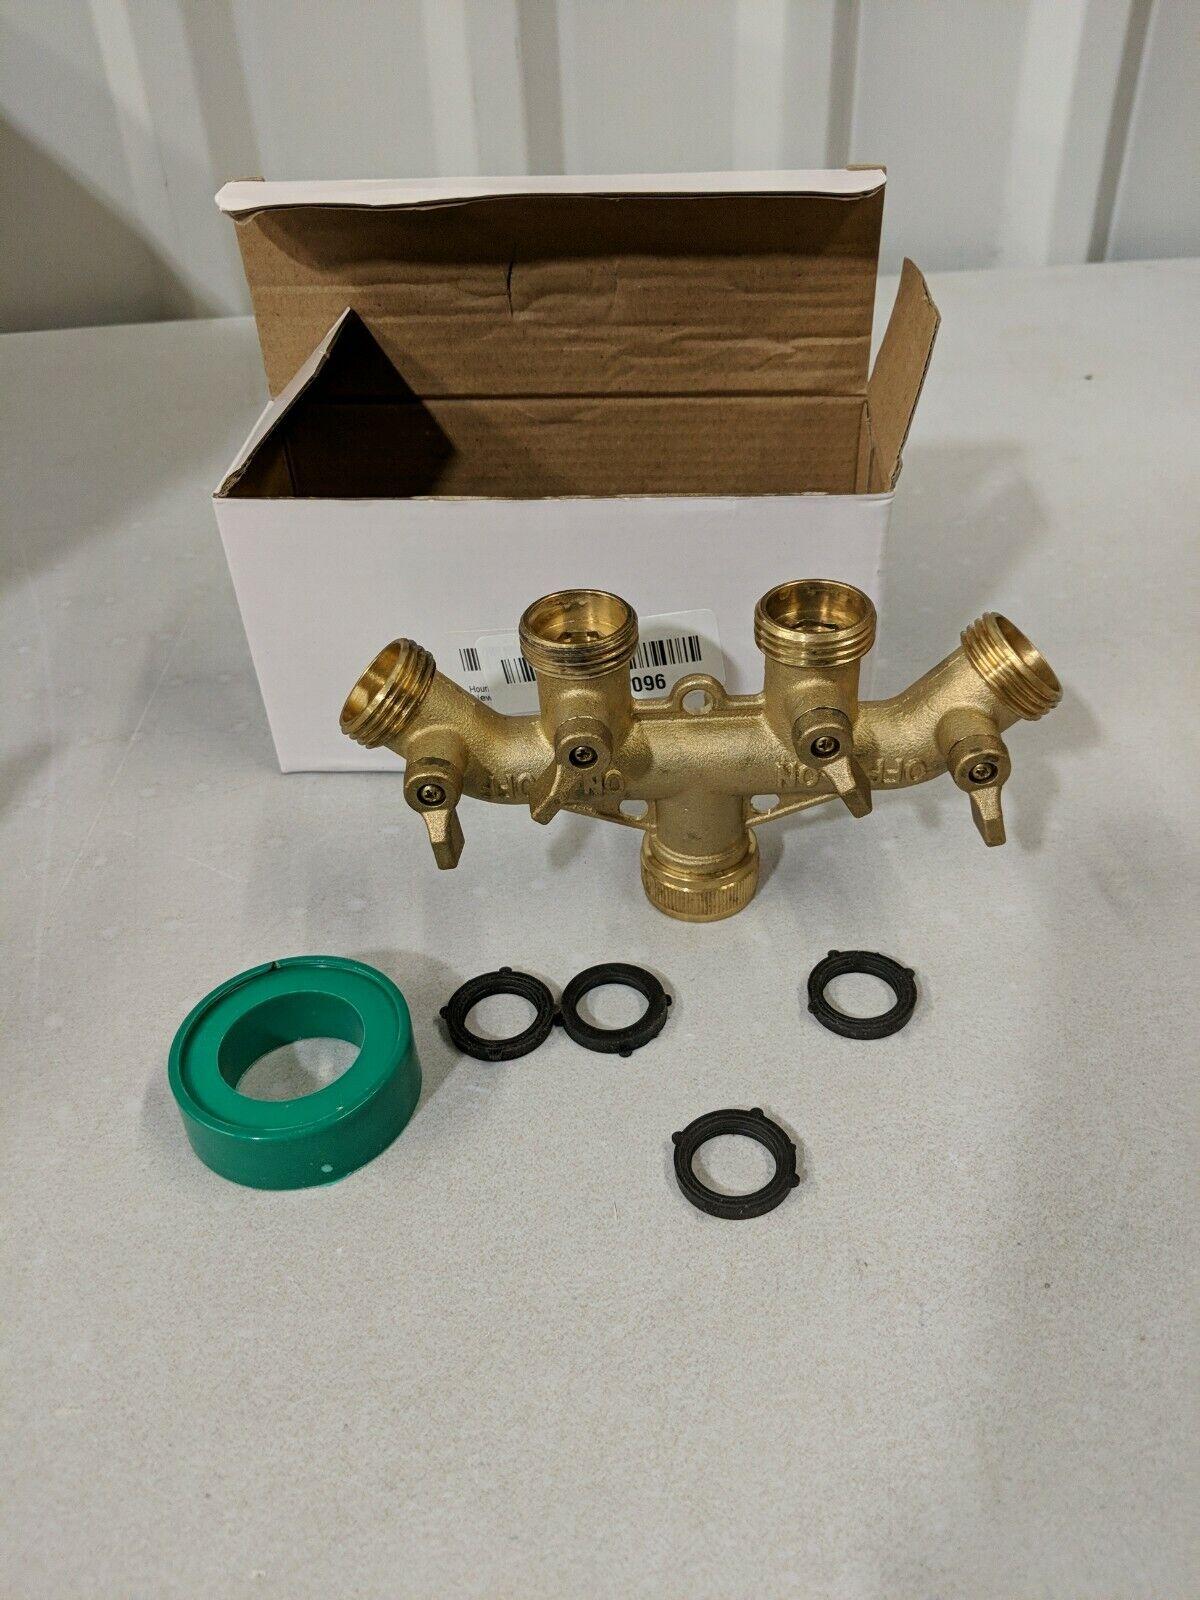 OPEN Hourleey Brass Garden Hose Splitter (4 Way) Solid Brass Hose Connector 3/4